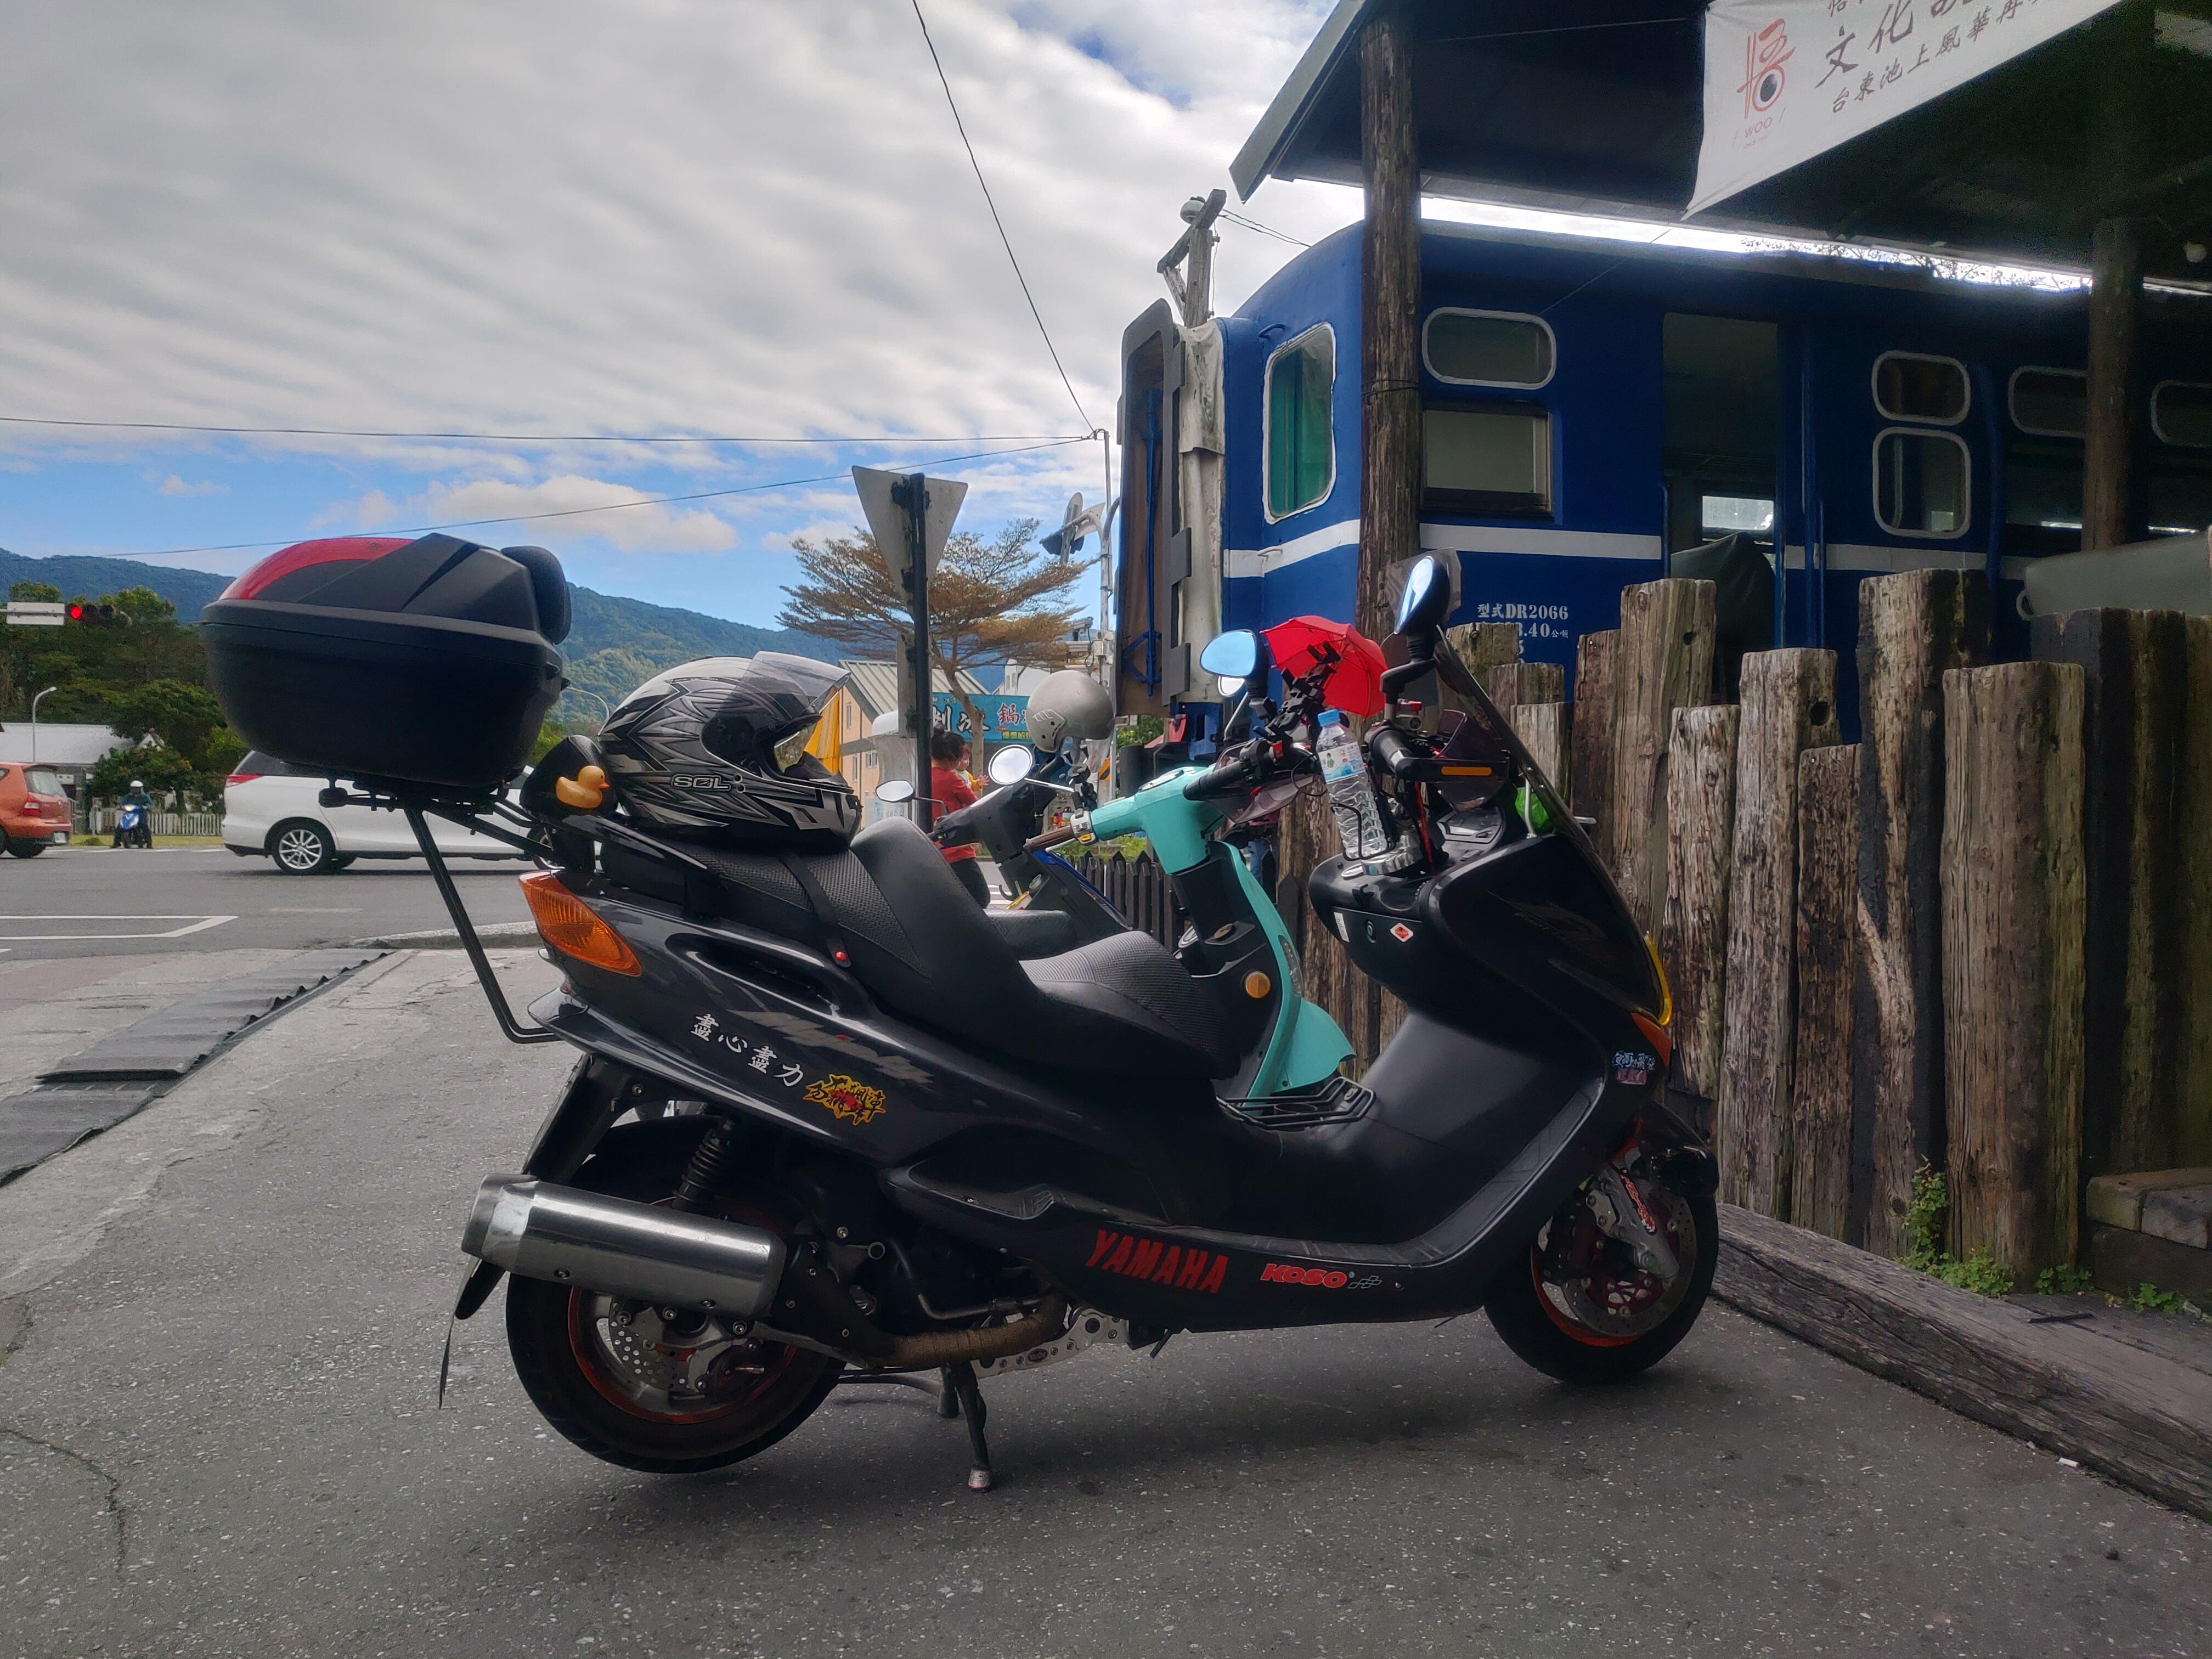 5th 走!去騎摩托車吧!六天五夜山海奇行環島之旅9057